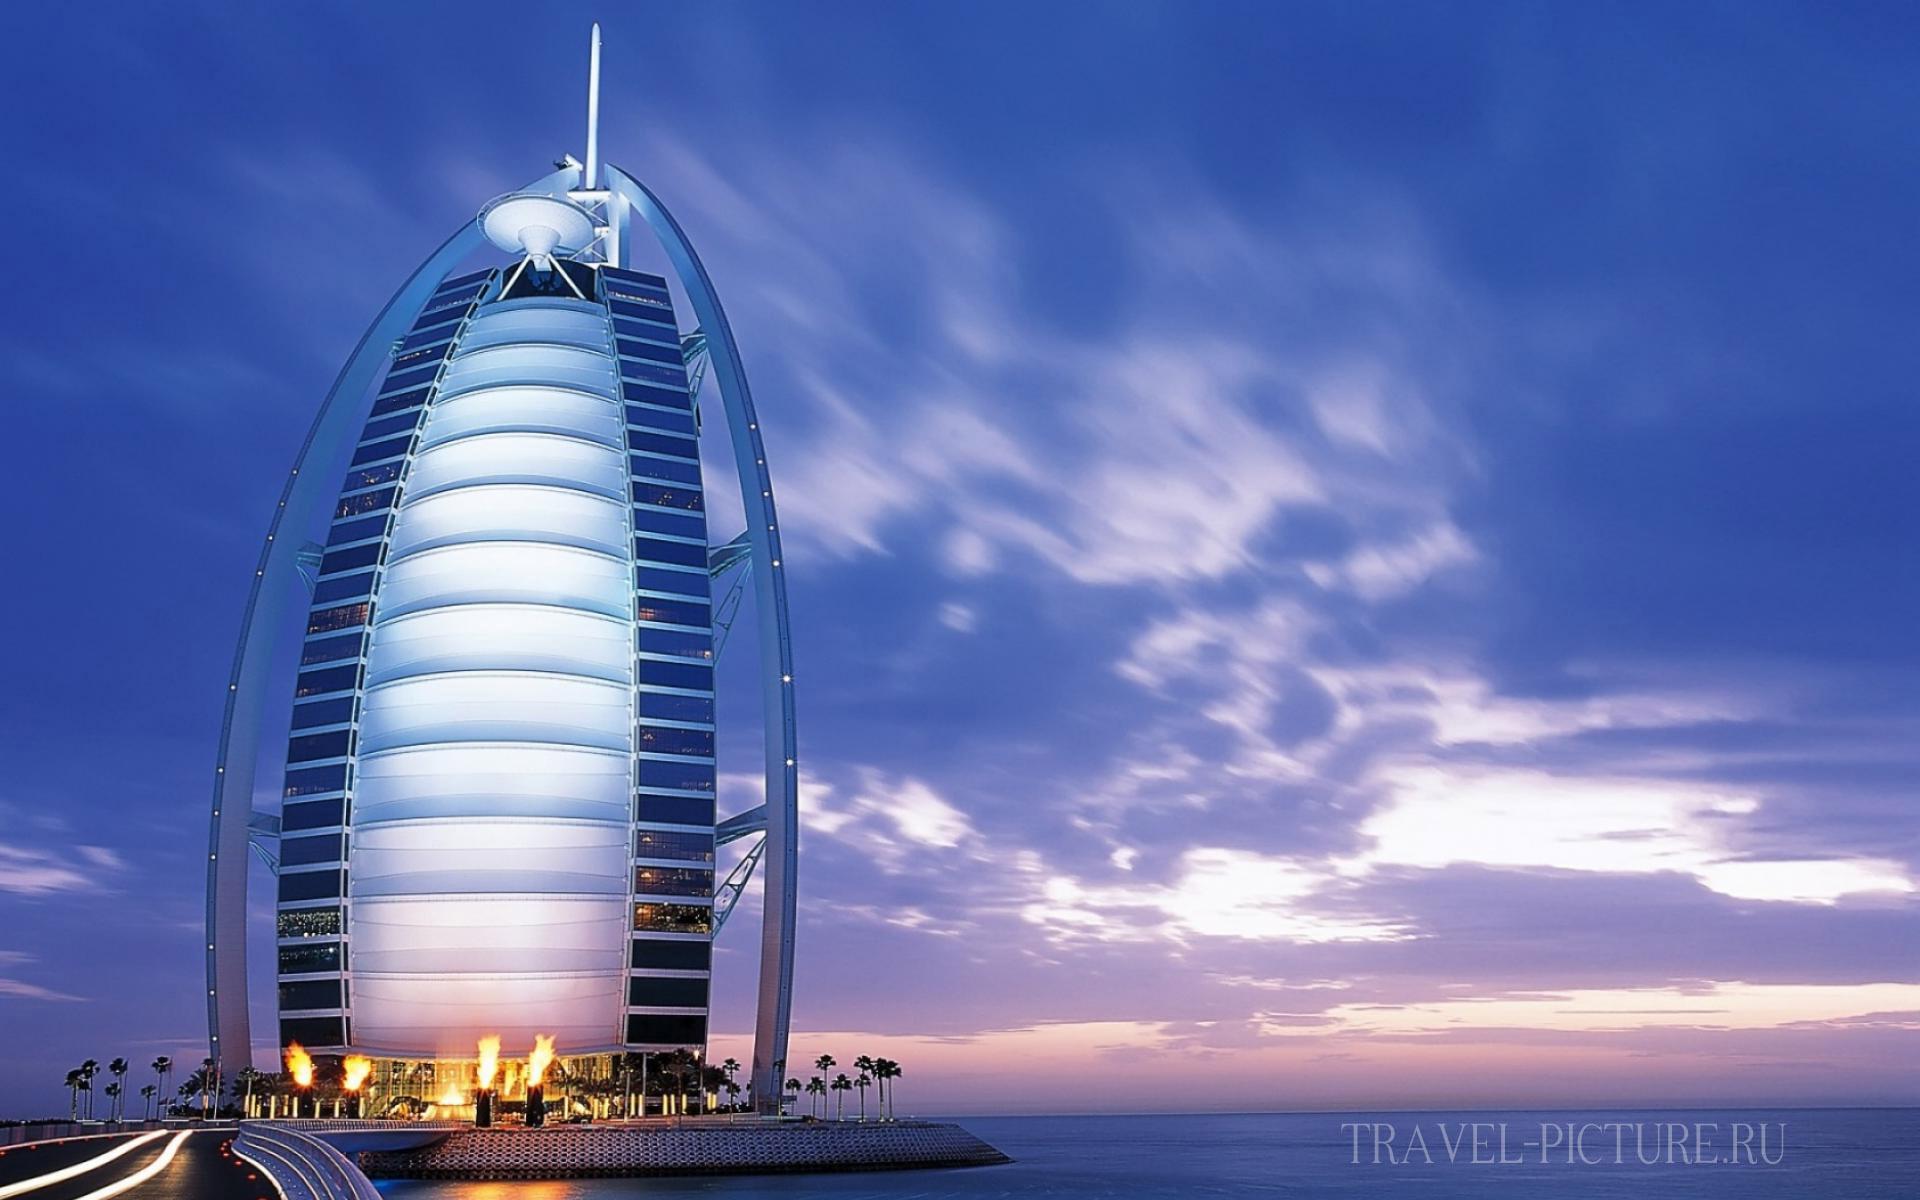 Отель Дубая Бурдж аль Араб